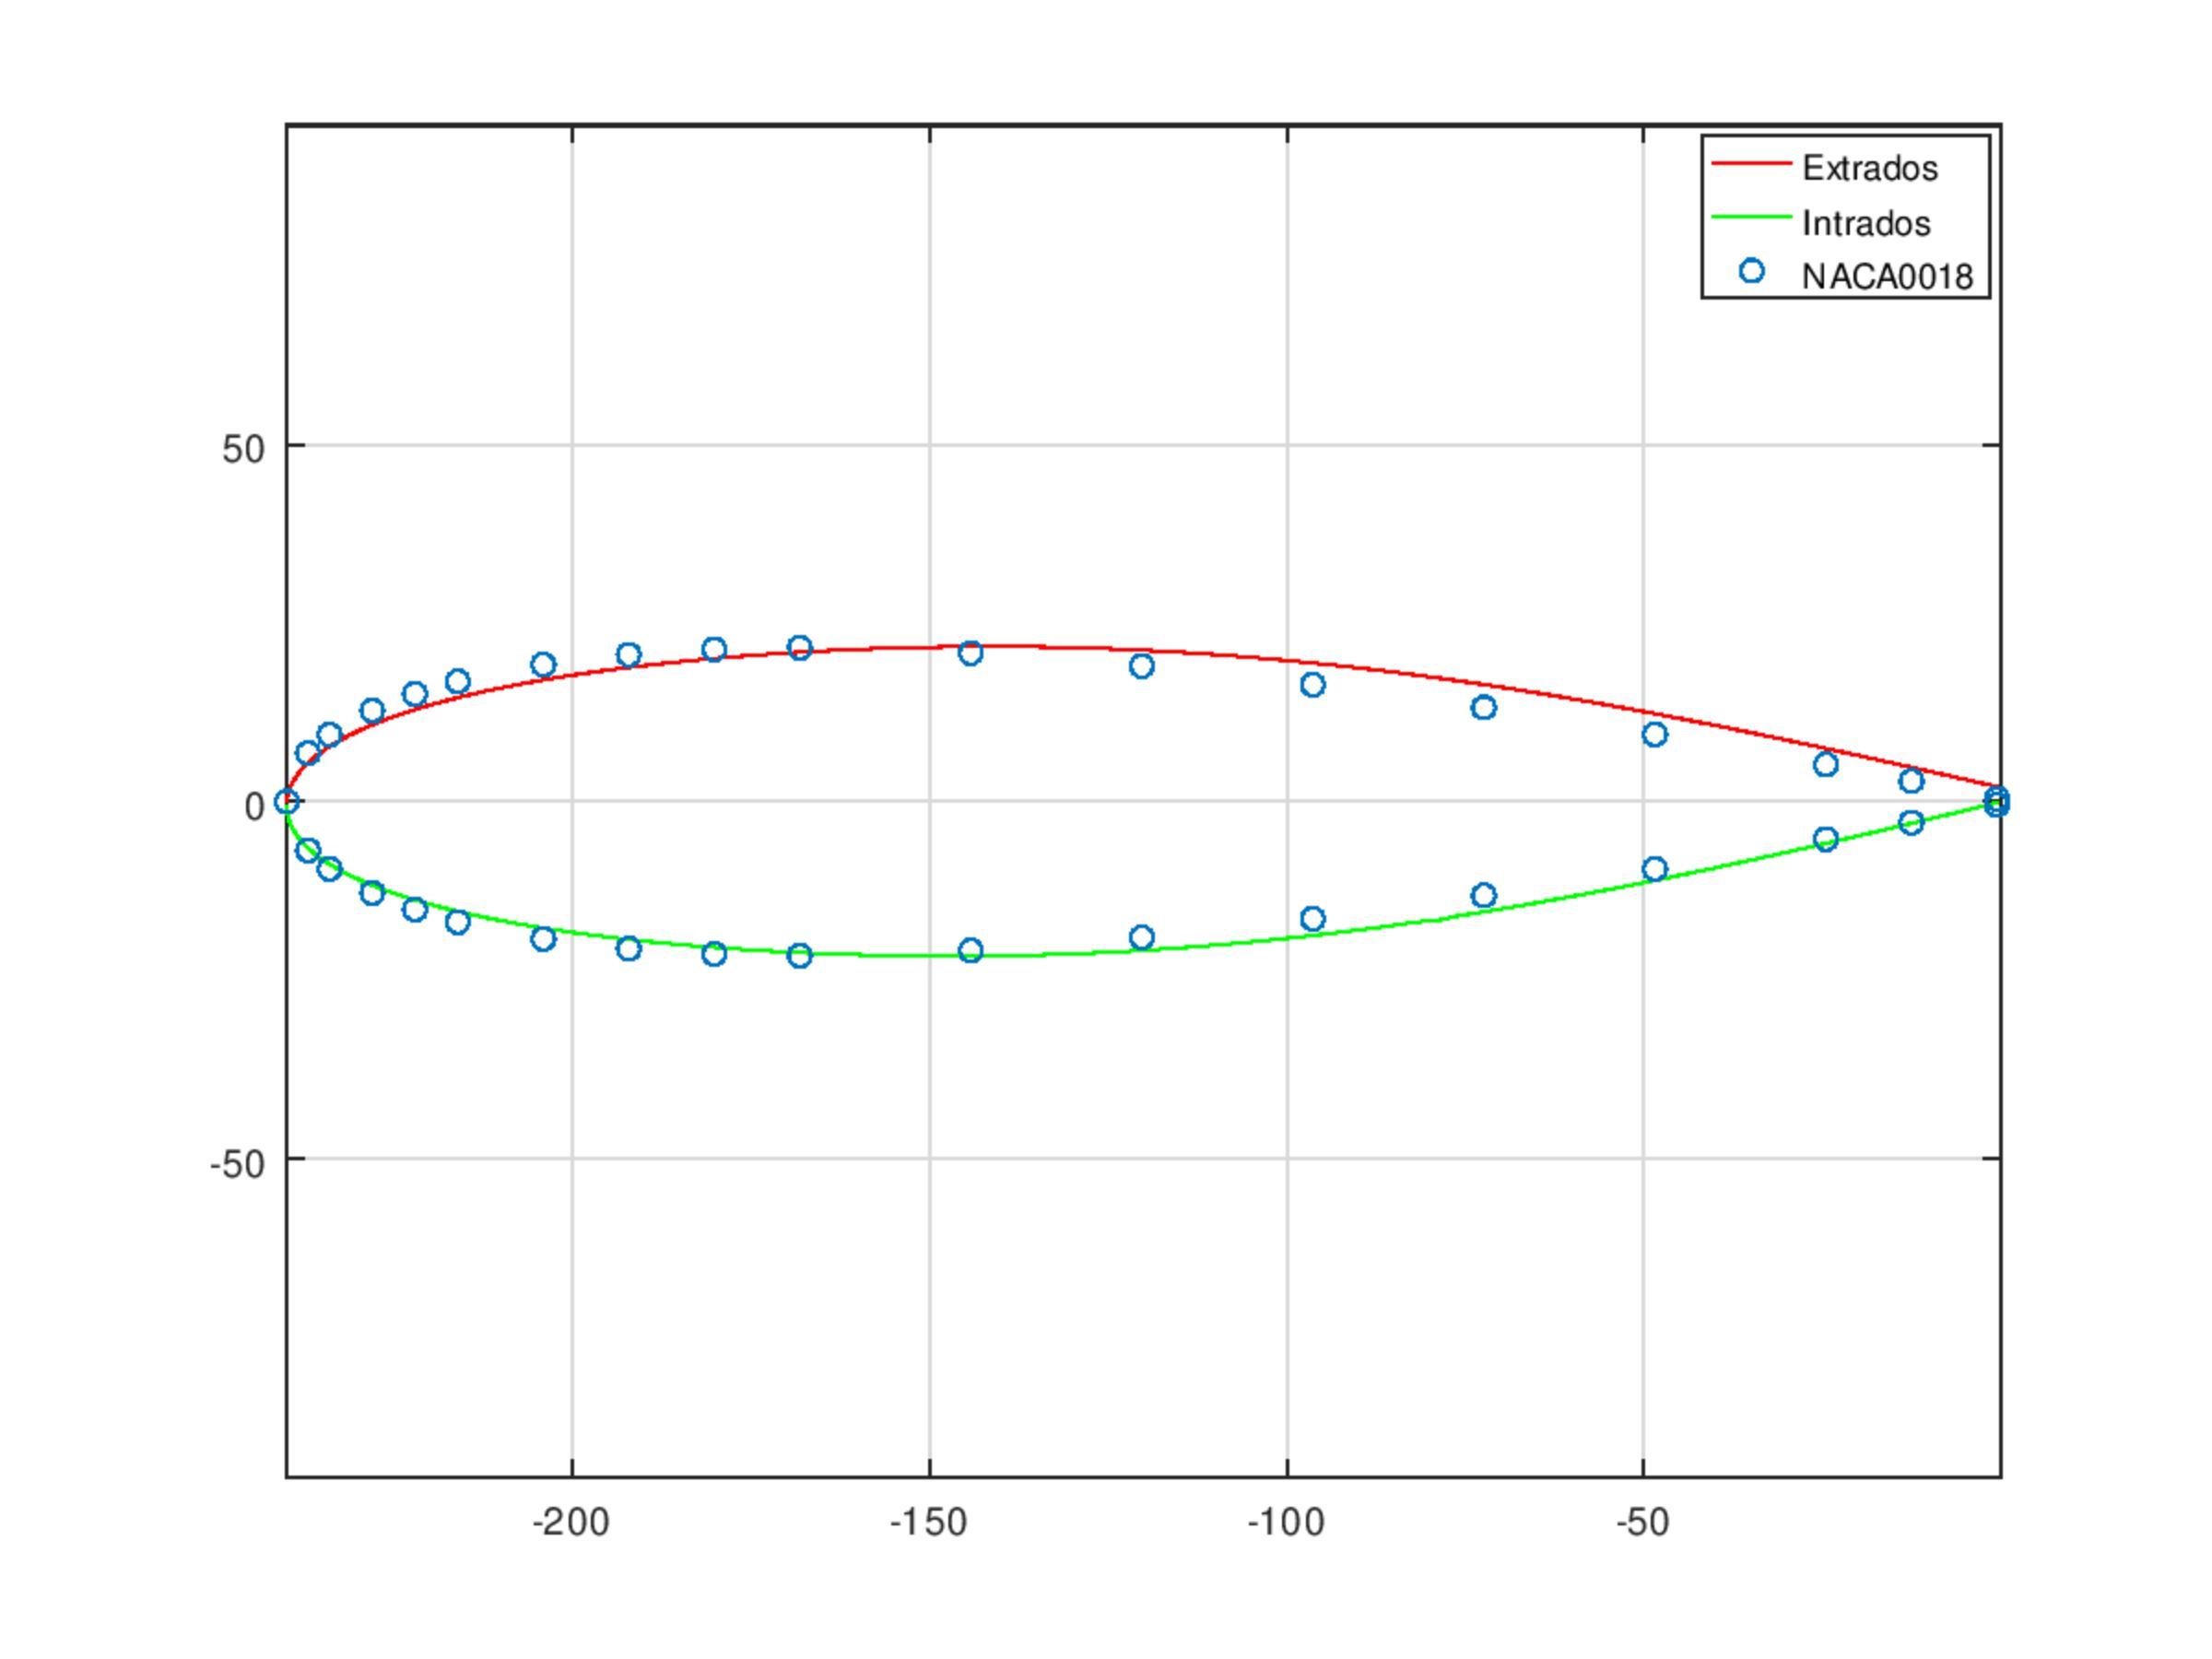 Perfil aerodinámico comparativa